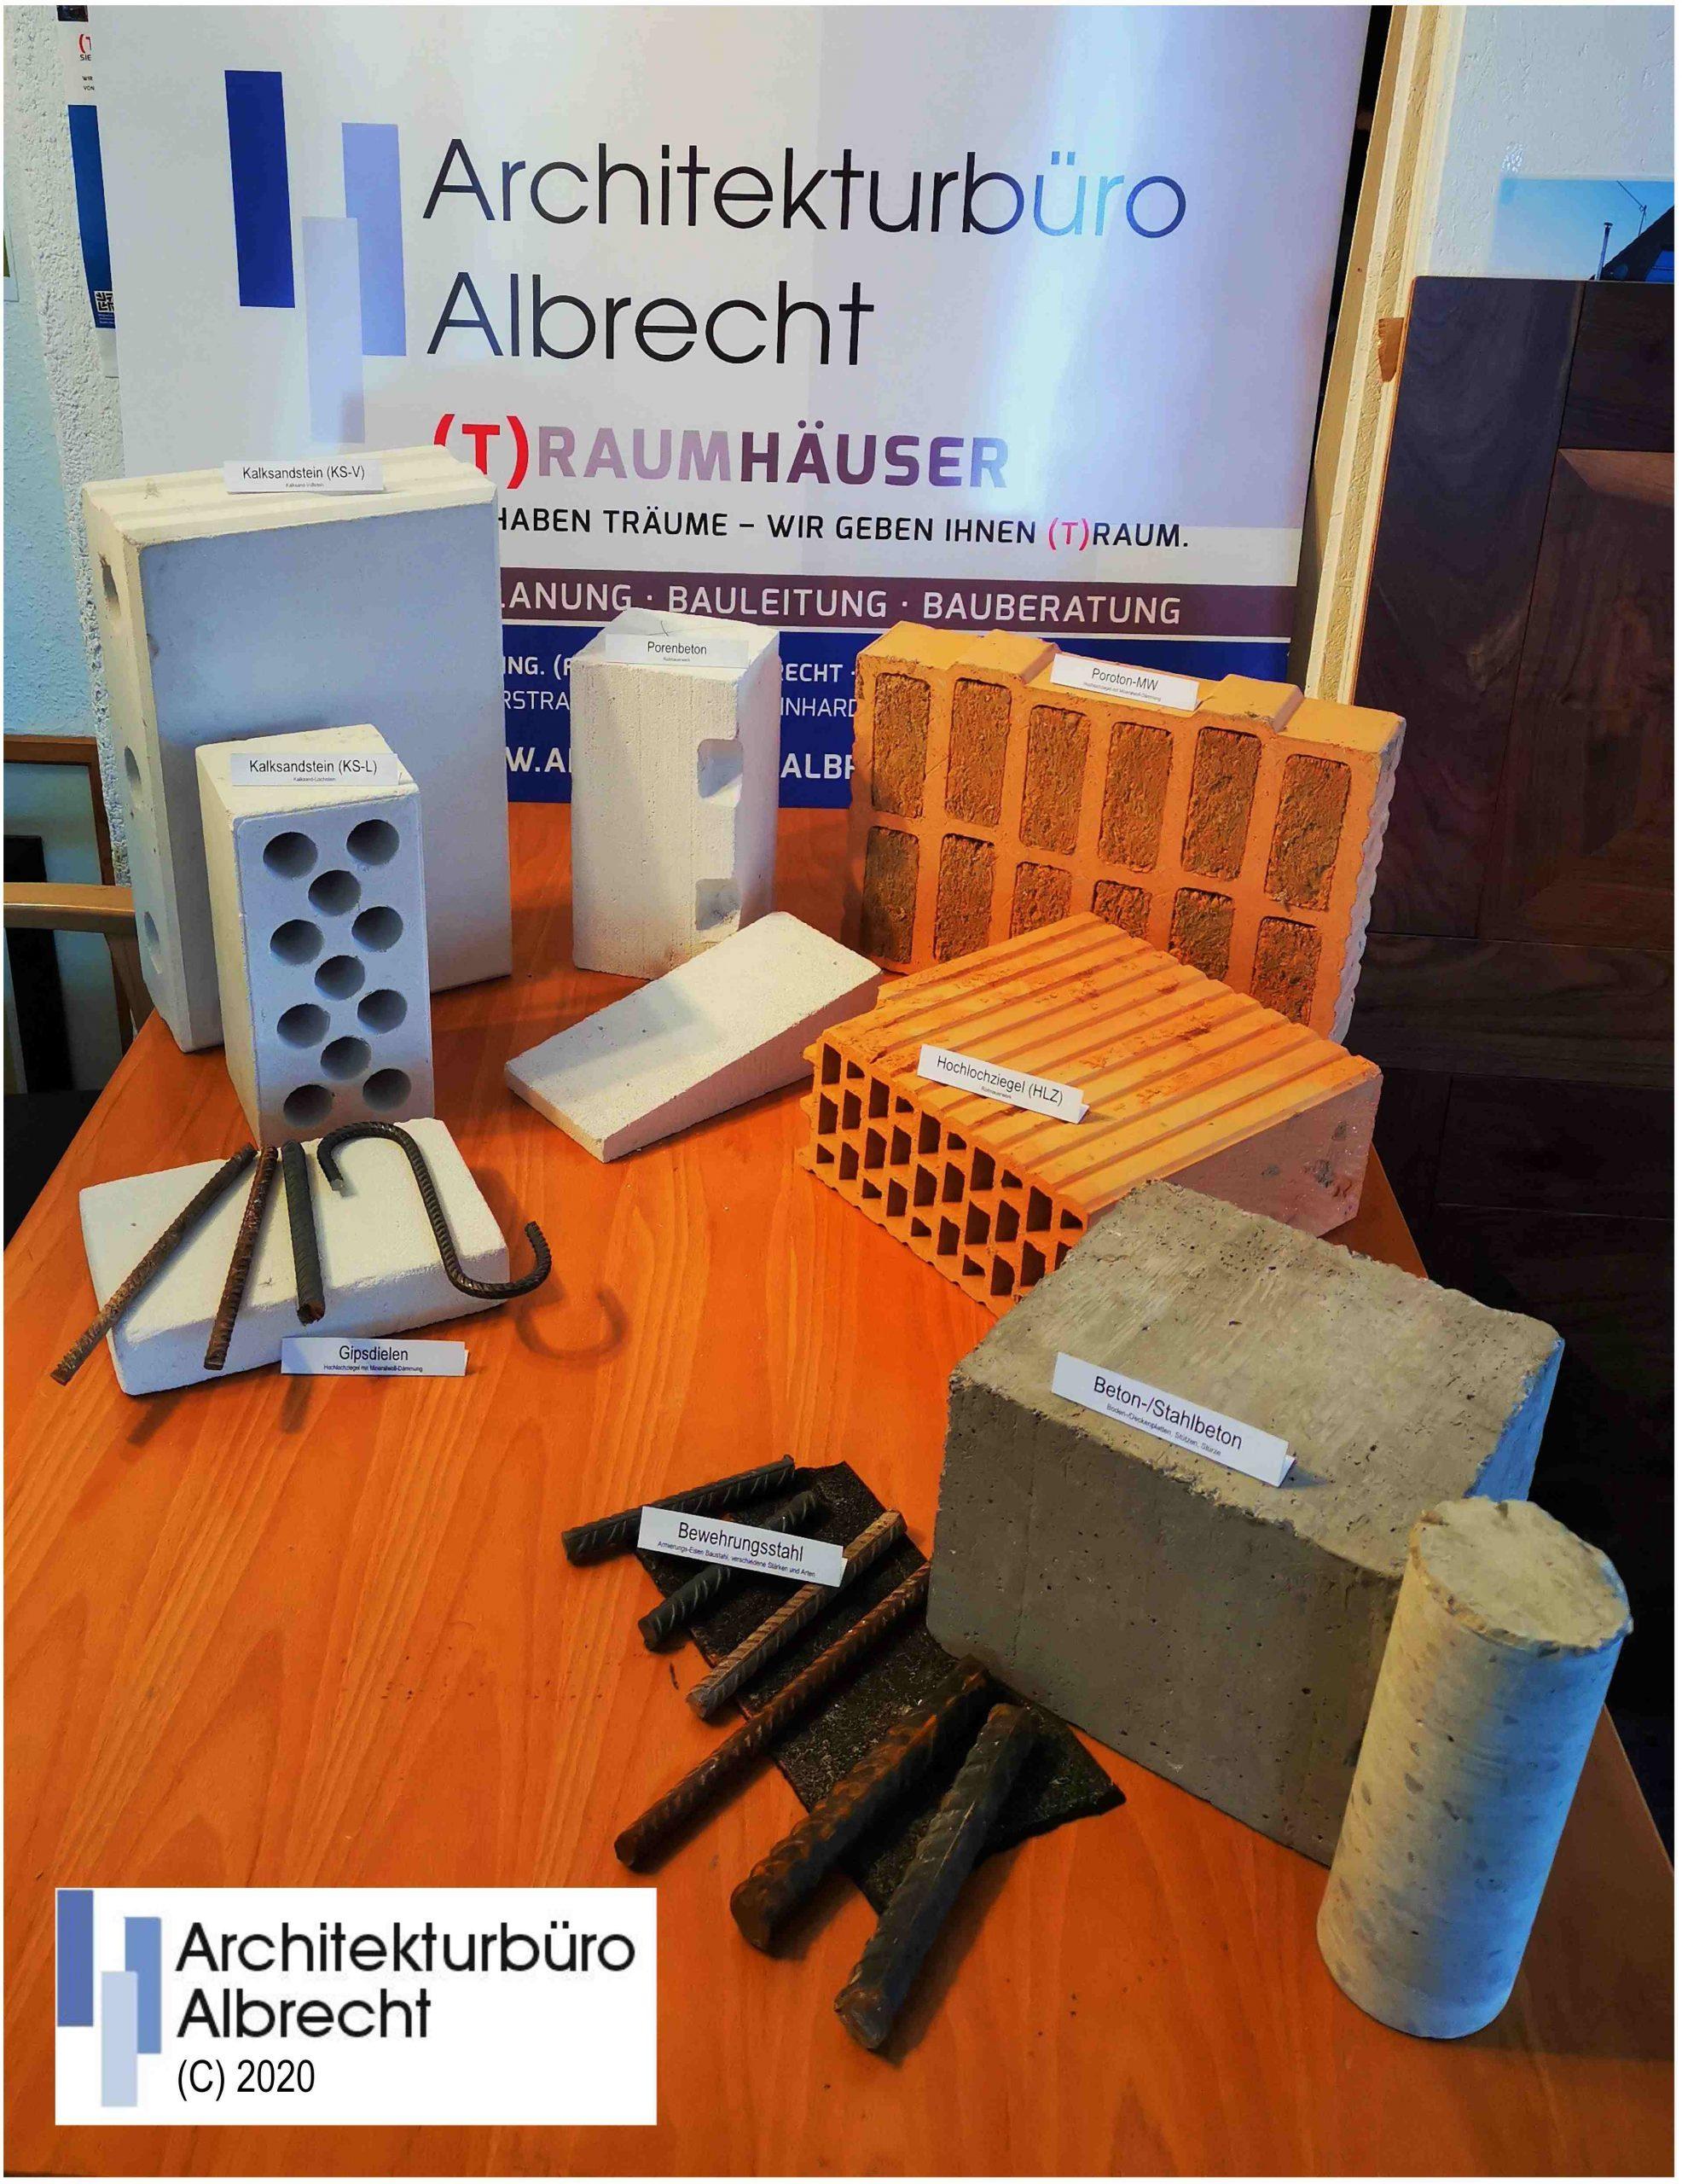 Architekturbüro Albrecht - 74535 Mainhardt - Schwäbisch Hall